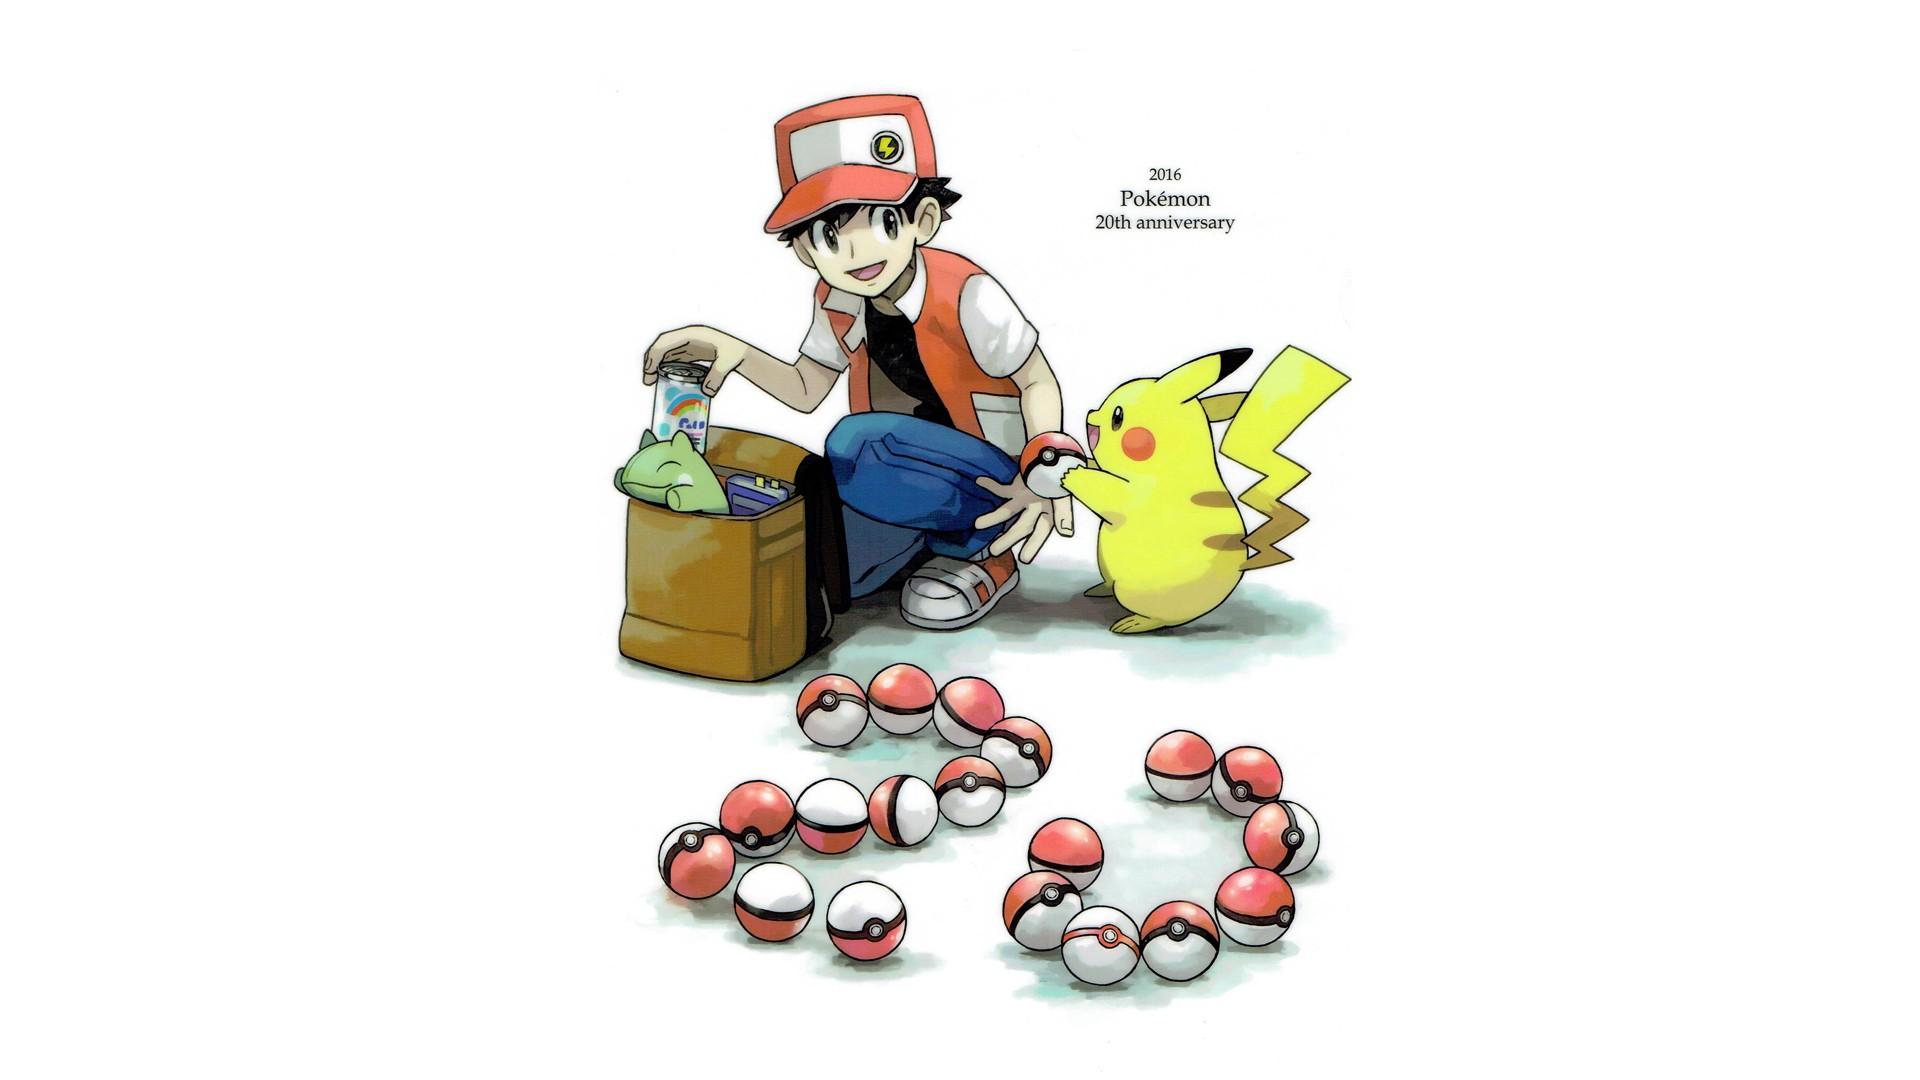 Wallpaper 1920x1080 Px Pikachu Pok Balls Pokemon Red Pokemon